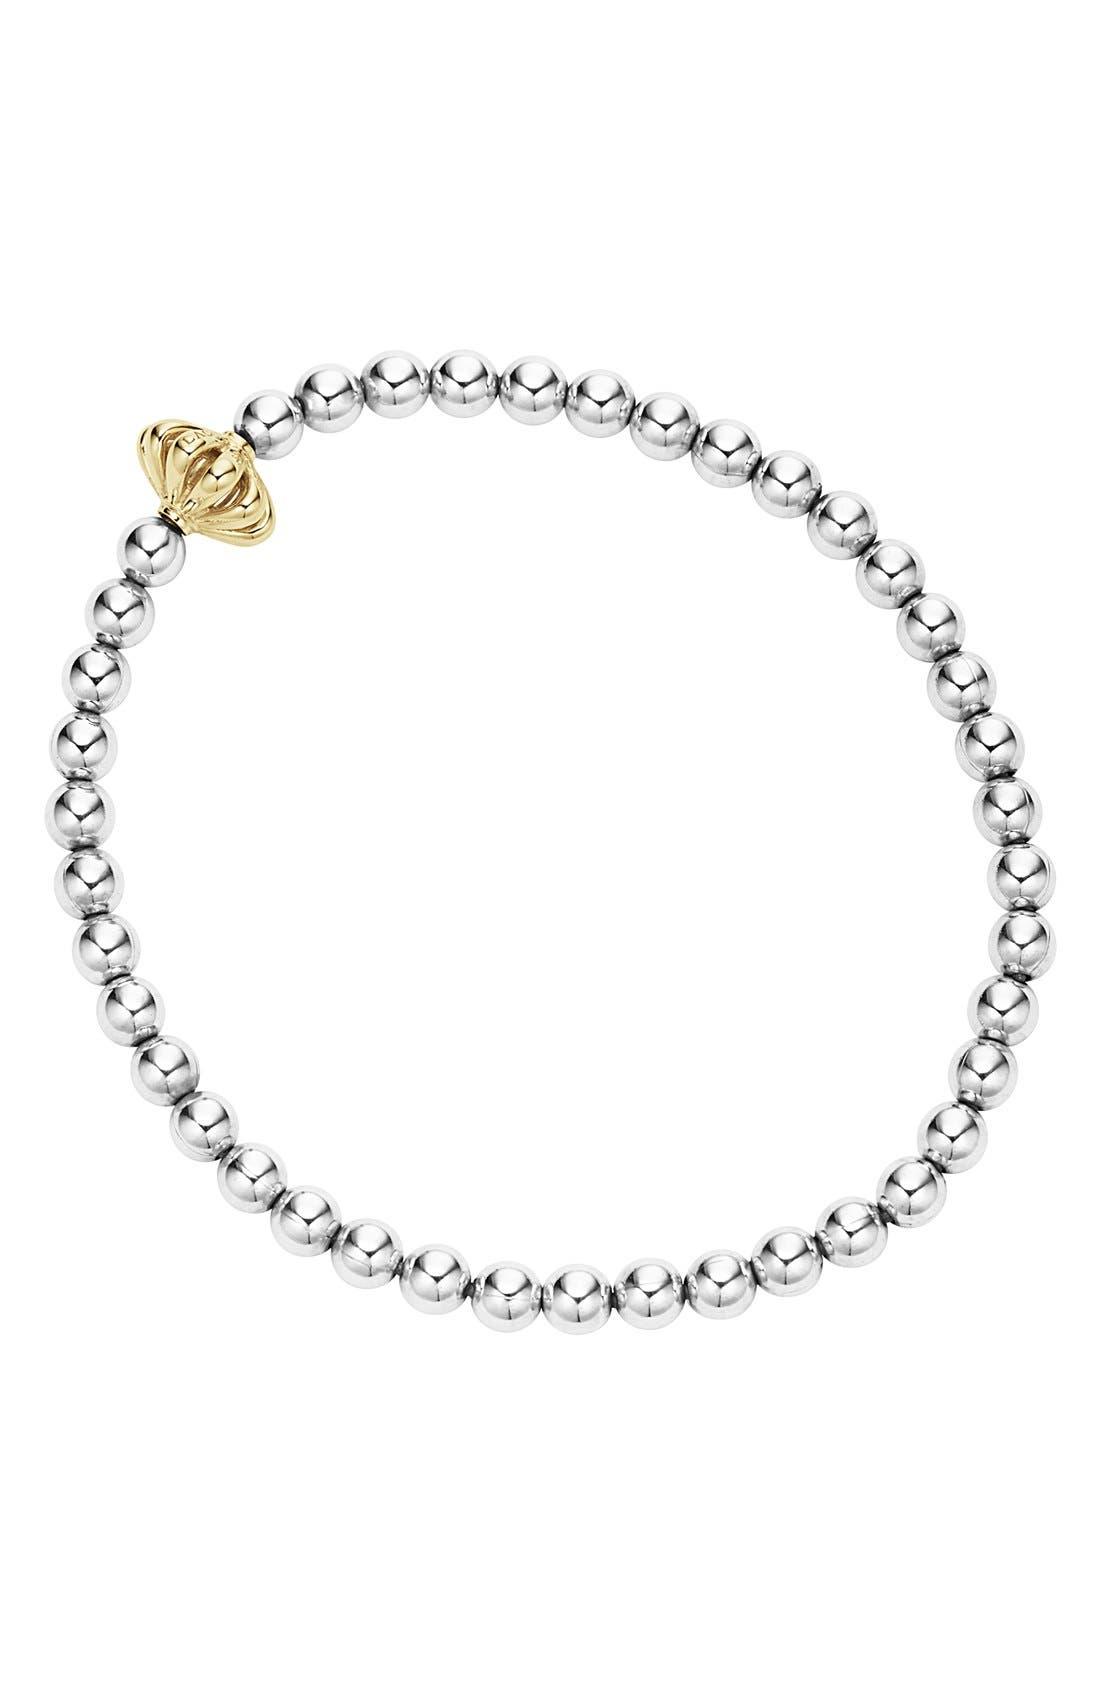 LAGOS Caviar Icon Ball Bracelet, Main, color, SILVER/ GOLD BIRDCAGE